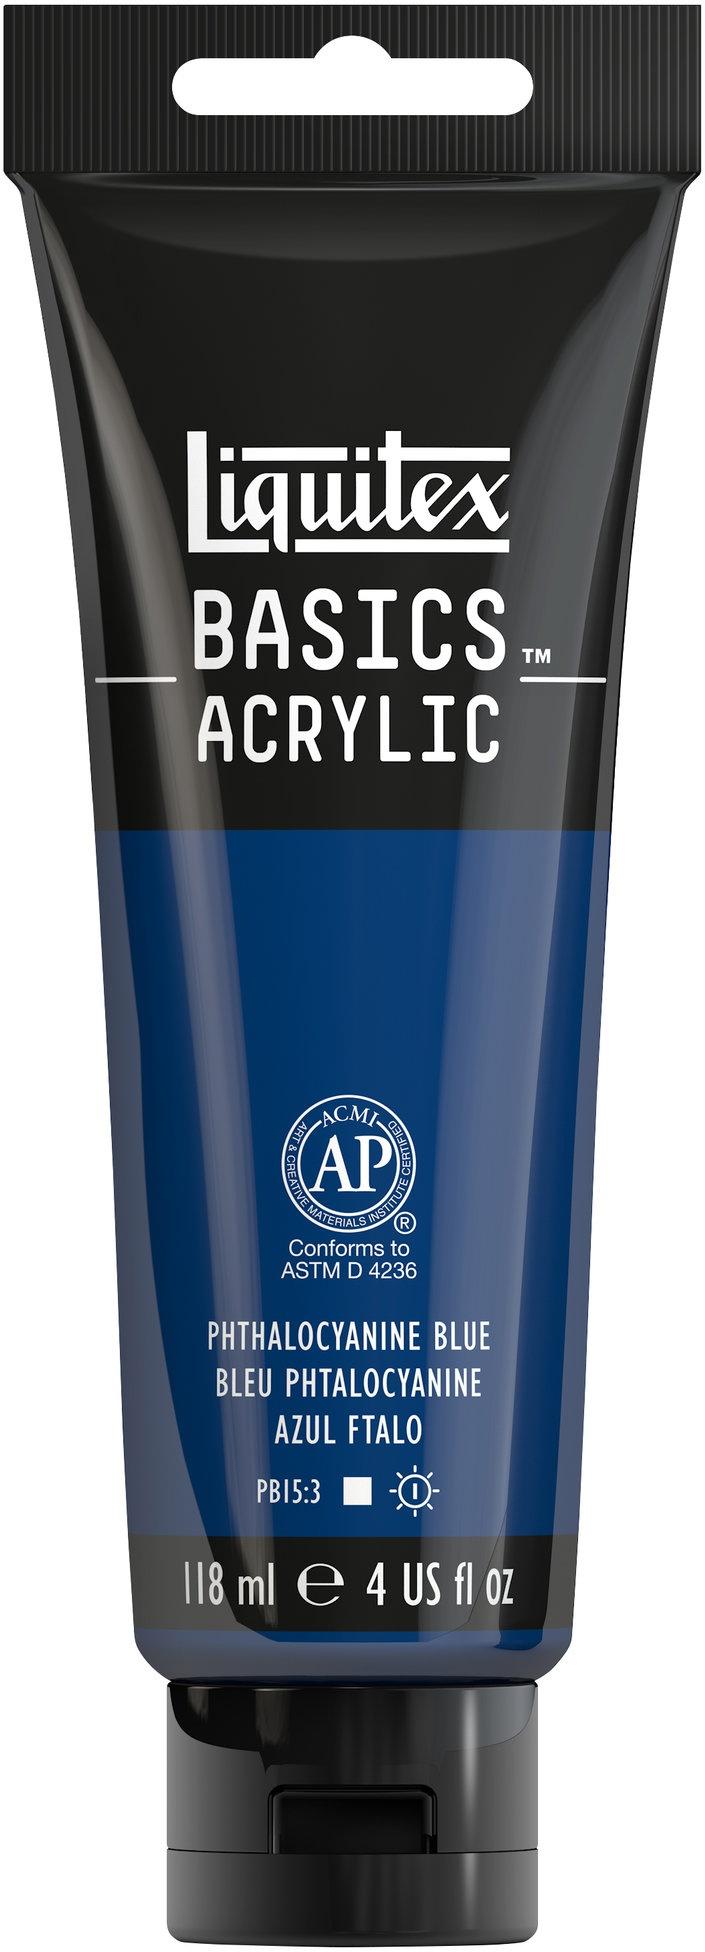 Basics Phthalocyanine Blue